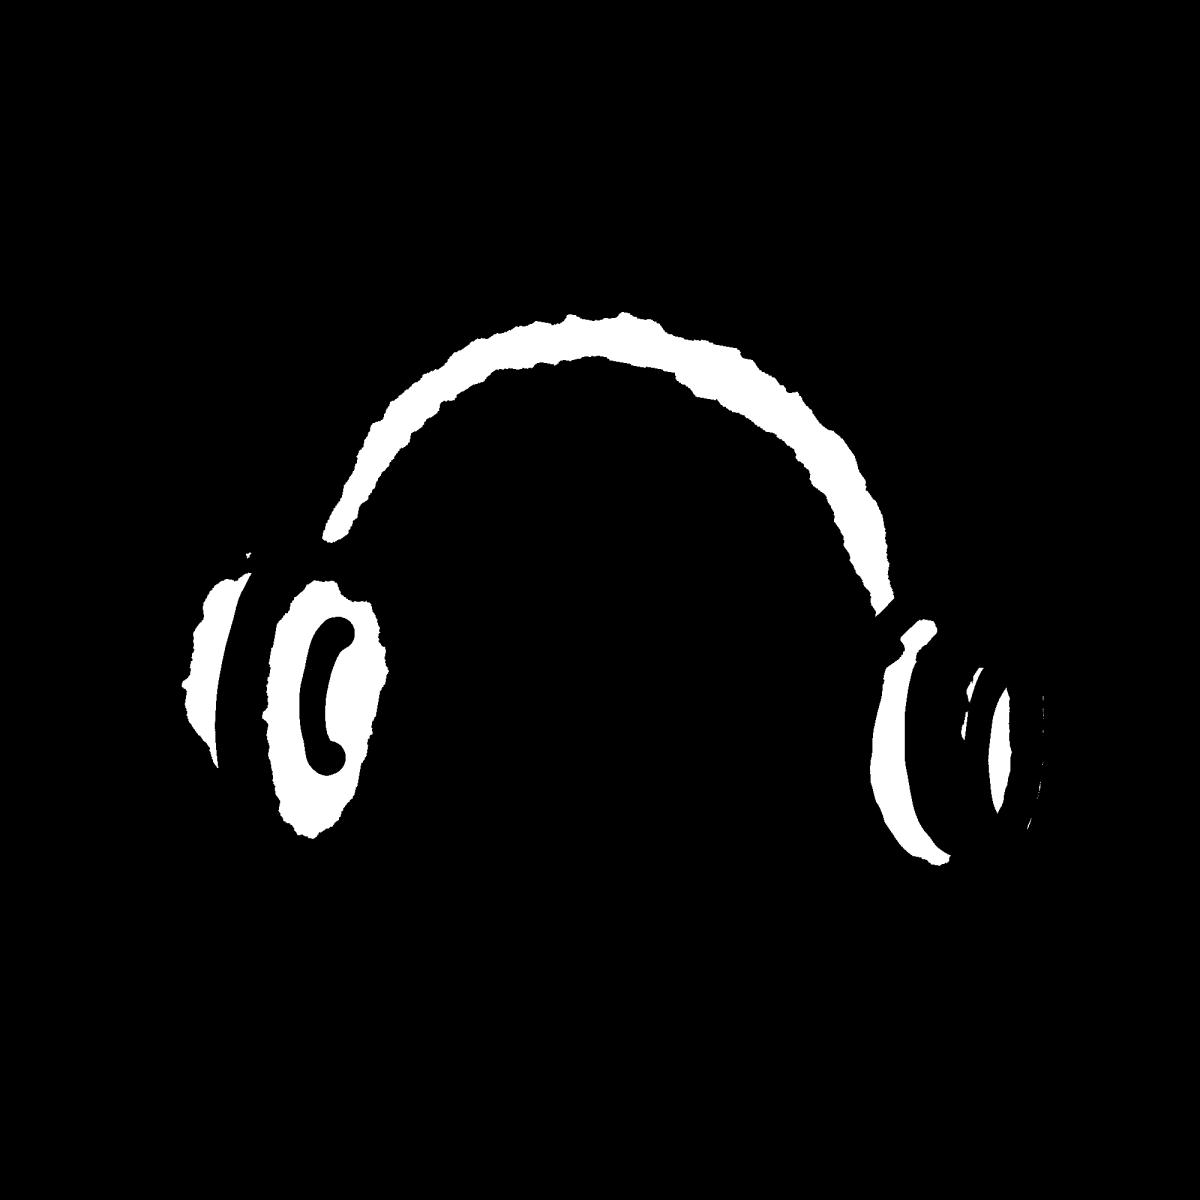 ヘッドホンのイラスト / headphone Illustration